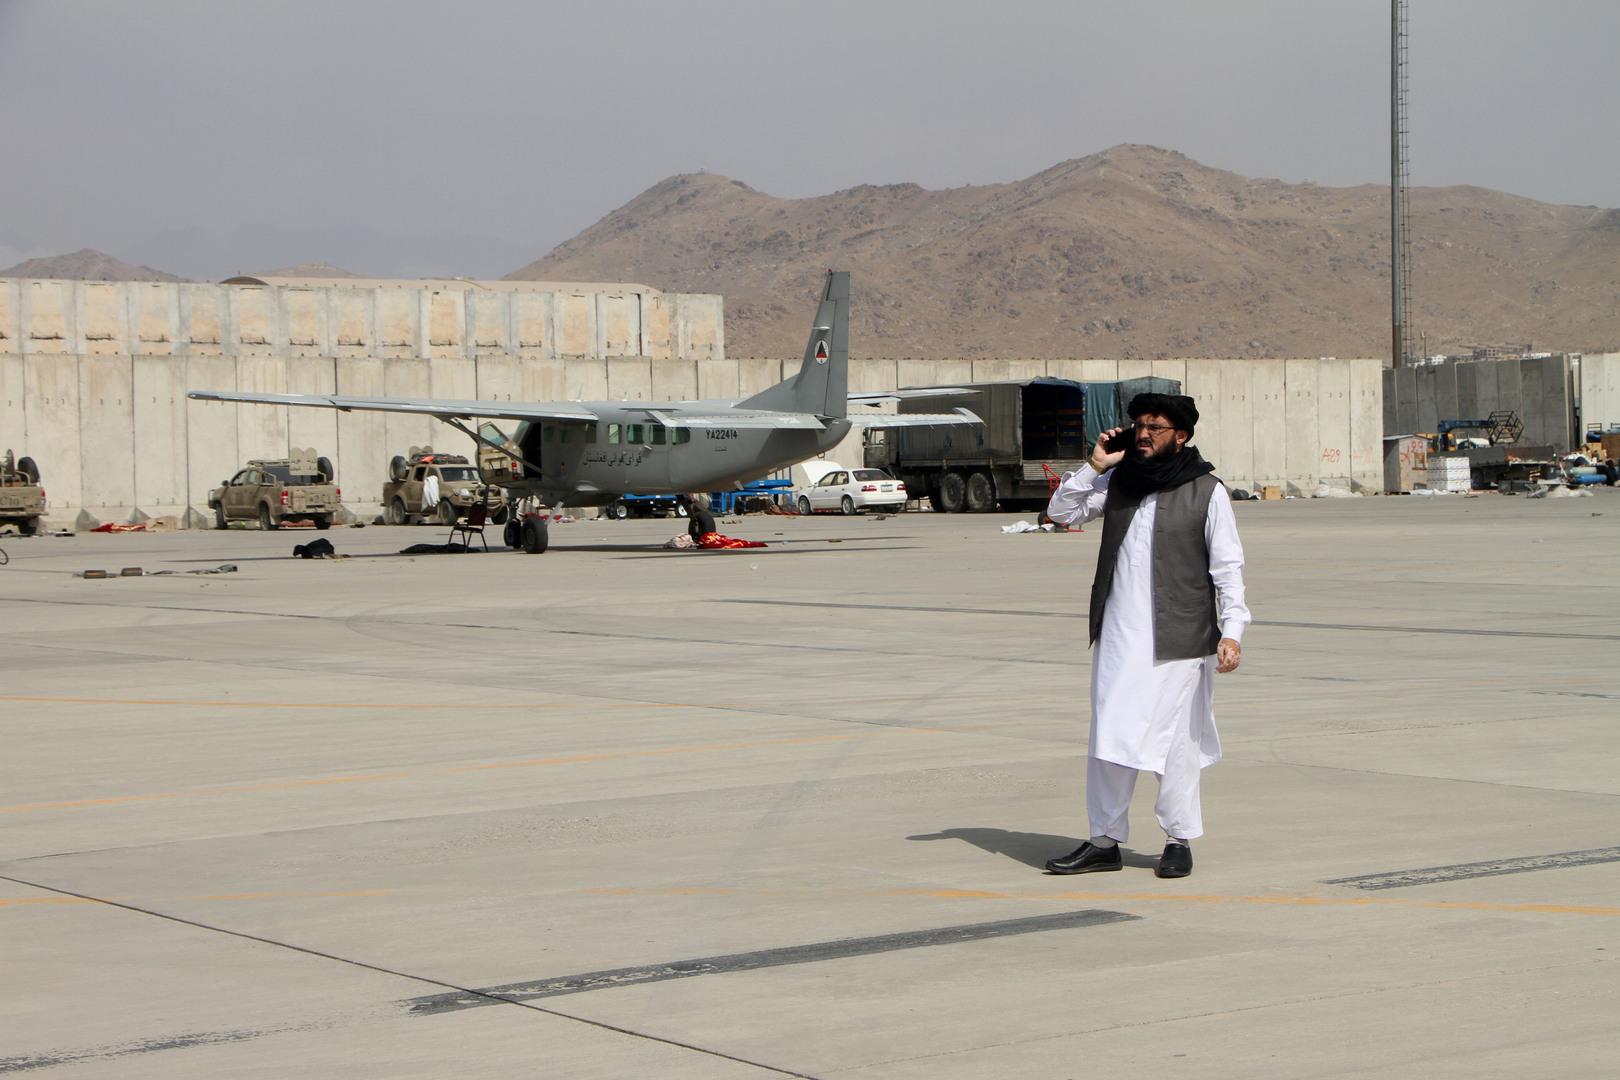 مطار كابل (صورة من الأرشيف)